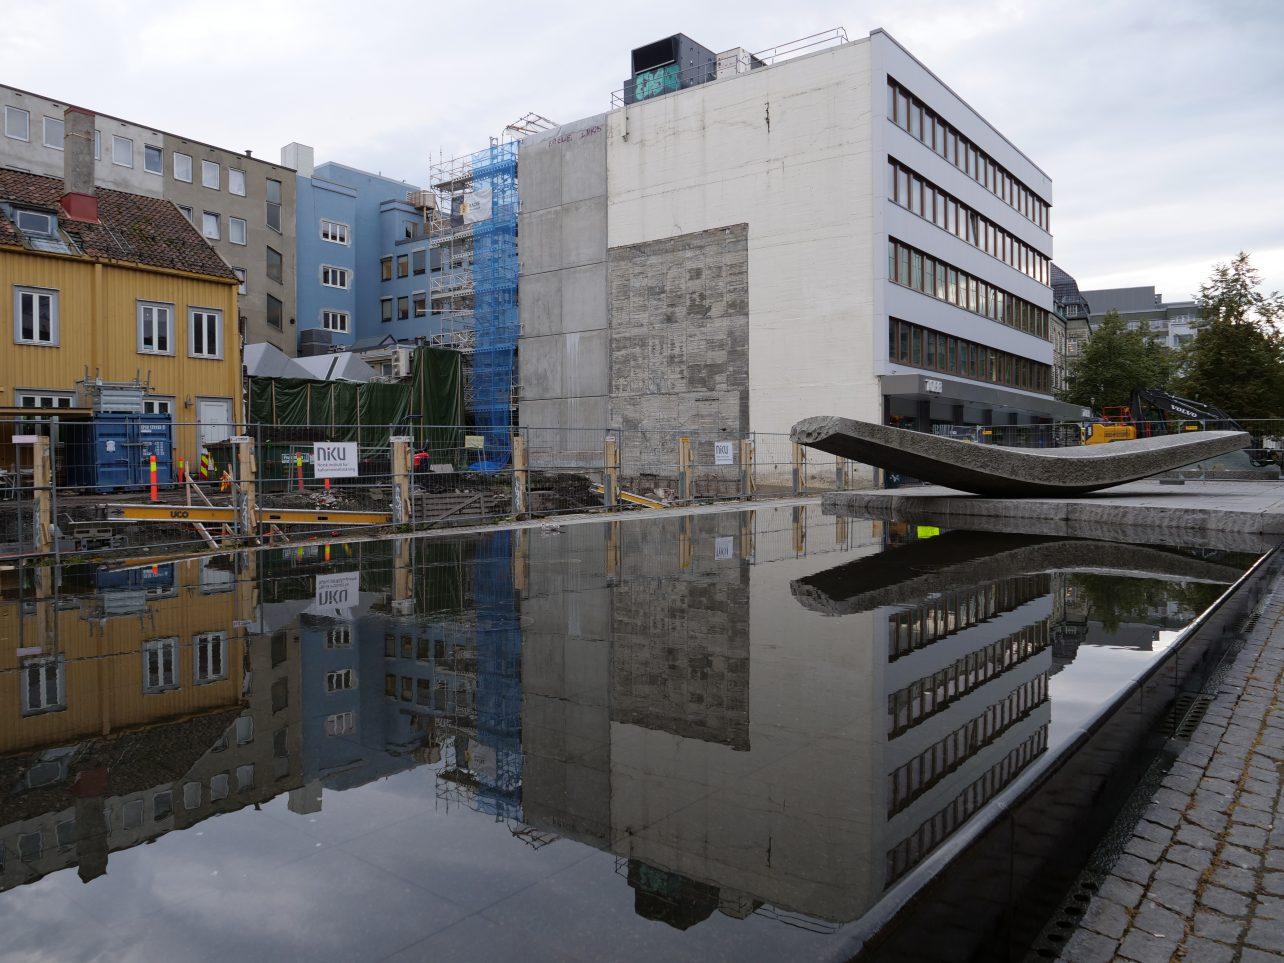 Réflection à Trondheim